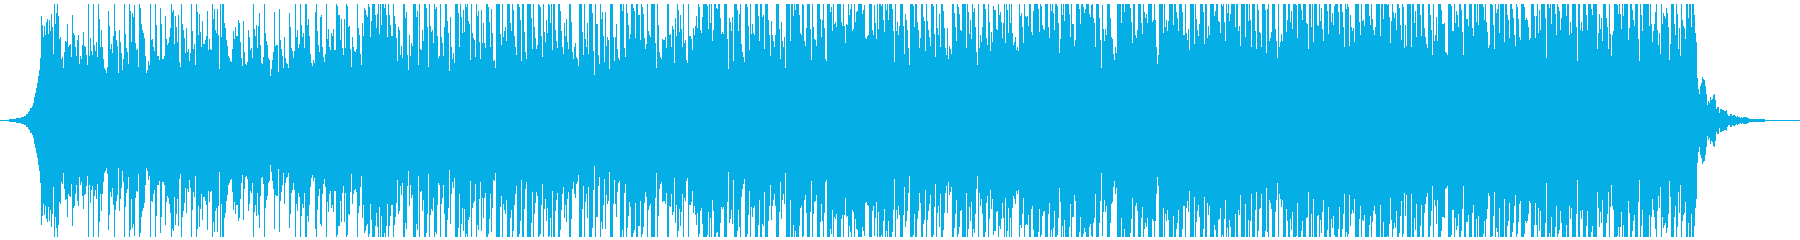 テクノロジー(90秒)の再生済みの波形